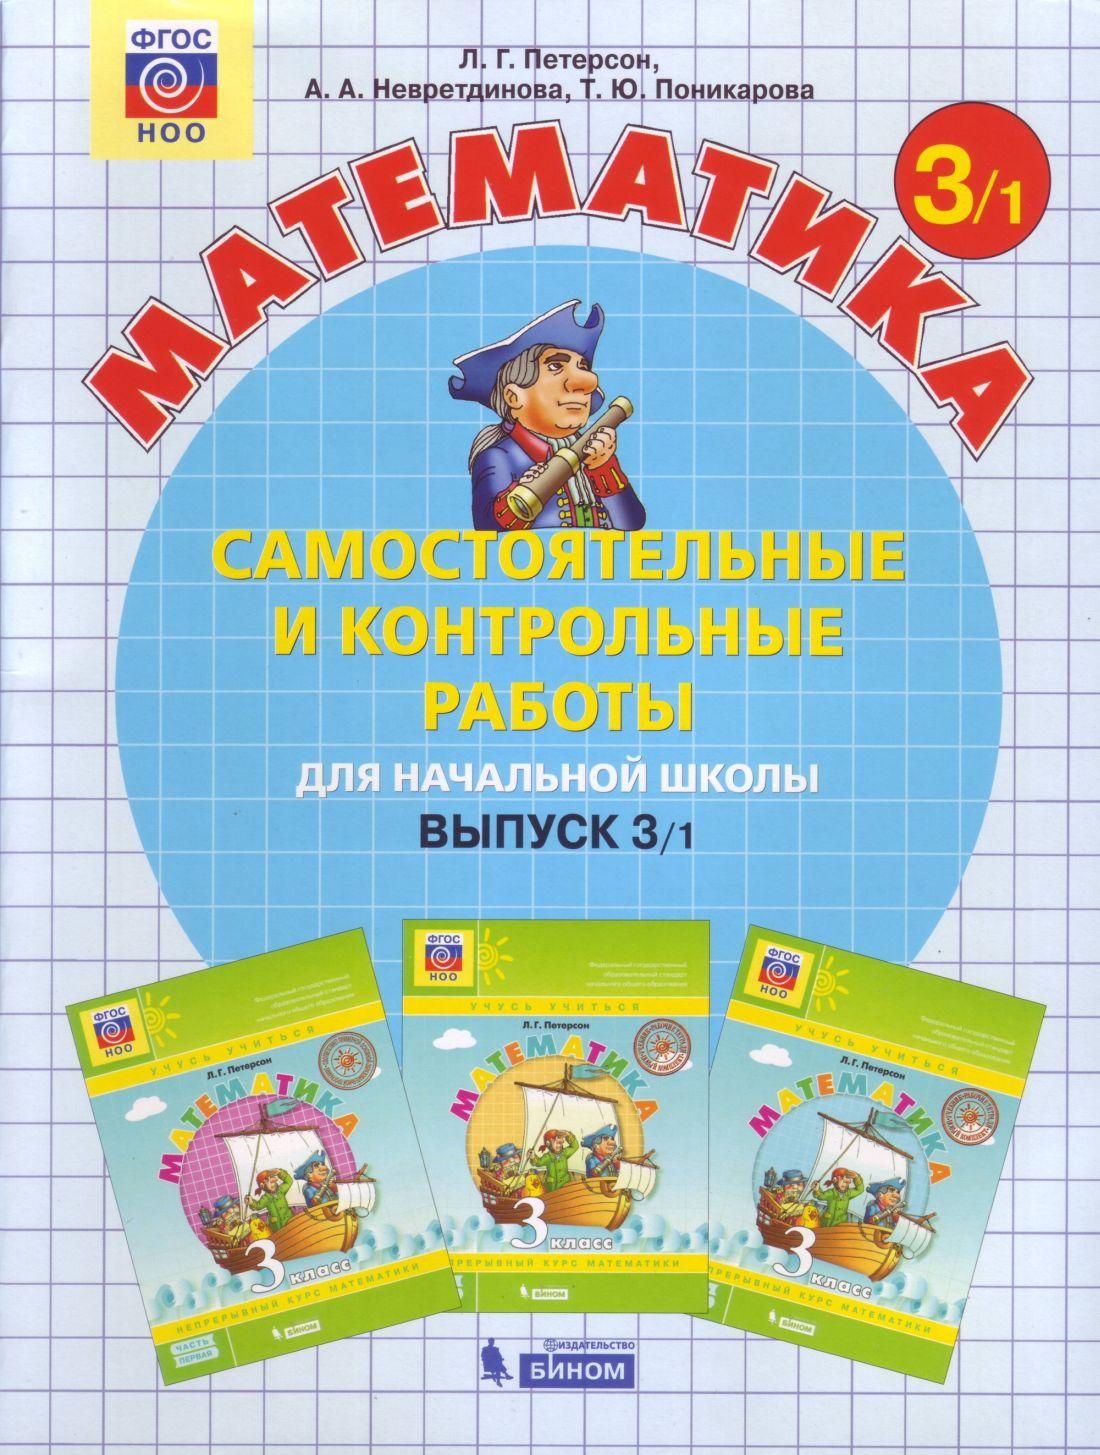 Самостоятельные и контр. работы по матем.: Вып. 3: В 2 ч.: Ч. 1 /+967018/